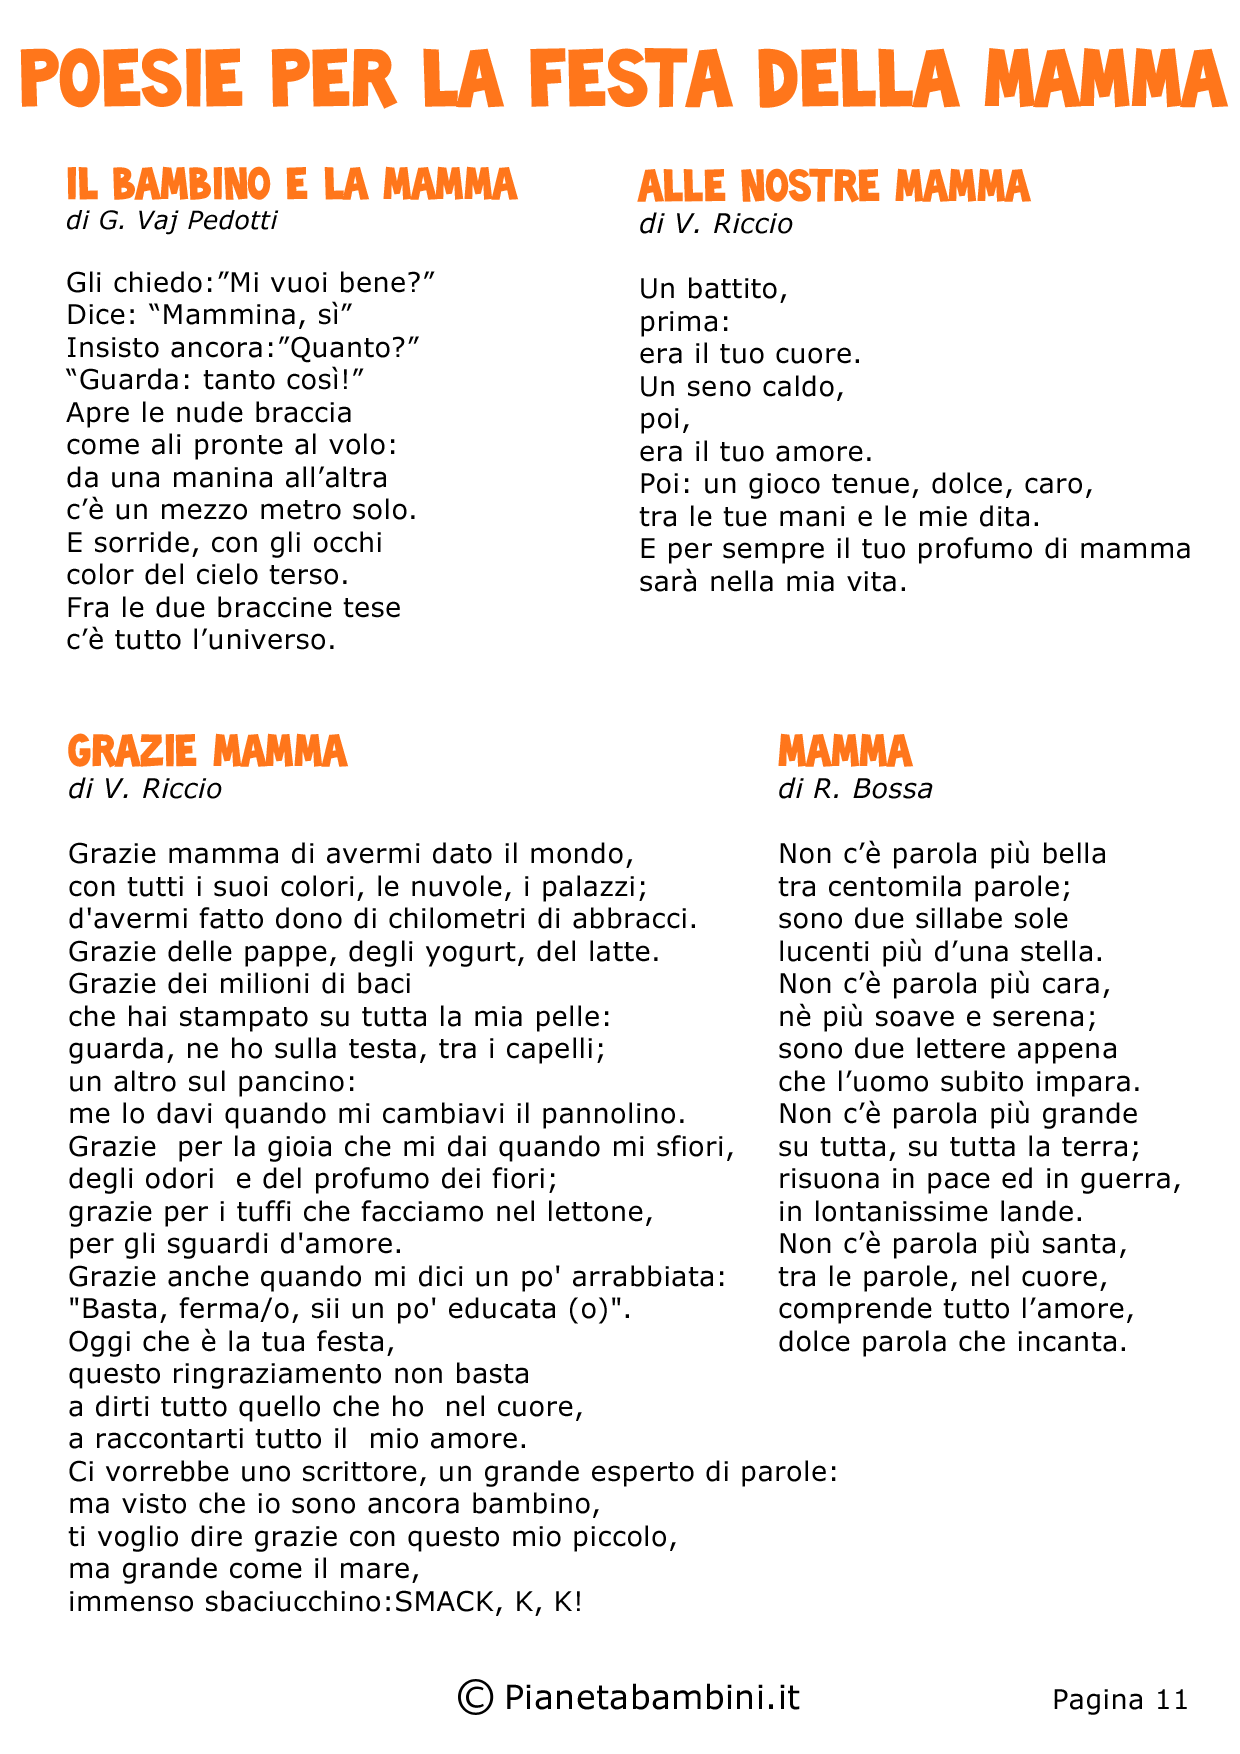 Poesie-Festa-Mamma-11